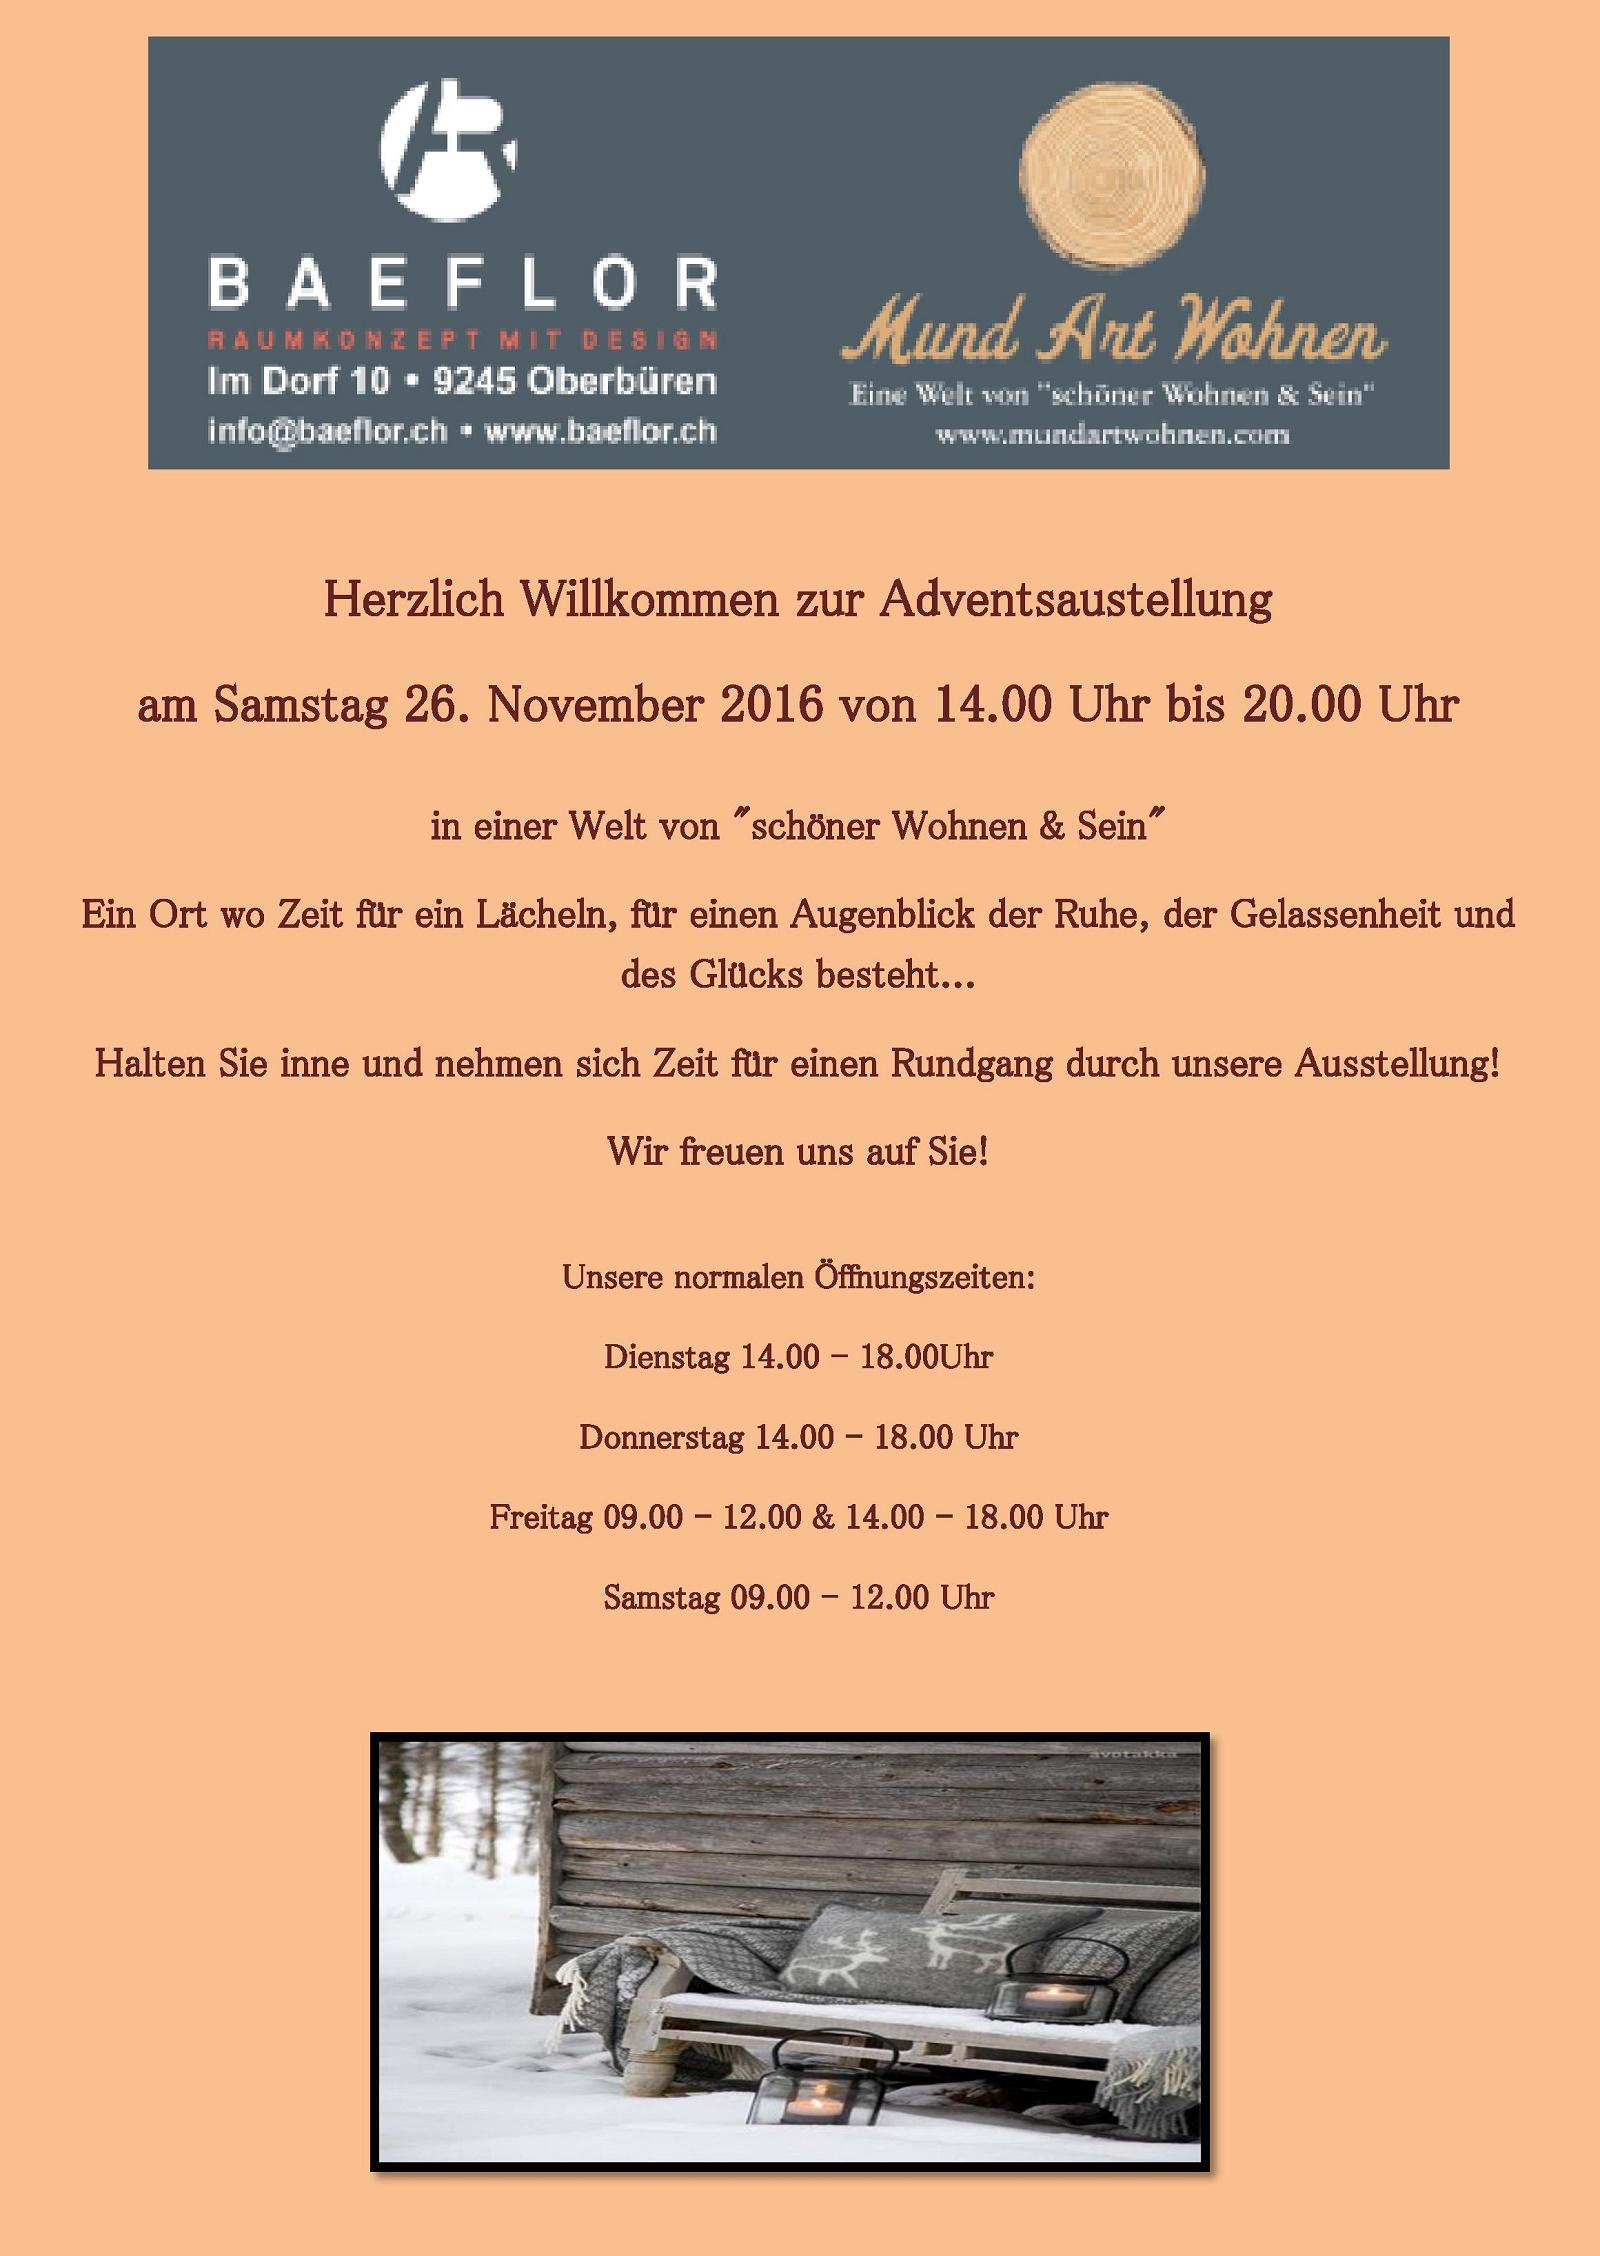 herzlich-willkommen-zur-adventsaustellung_1600